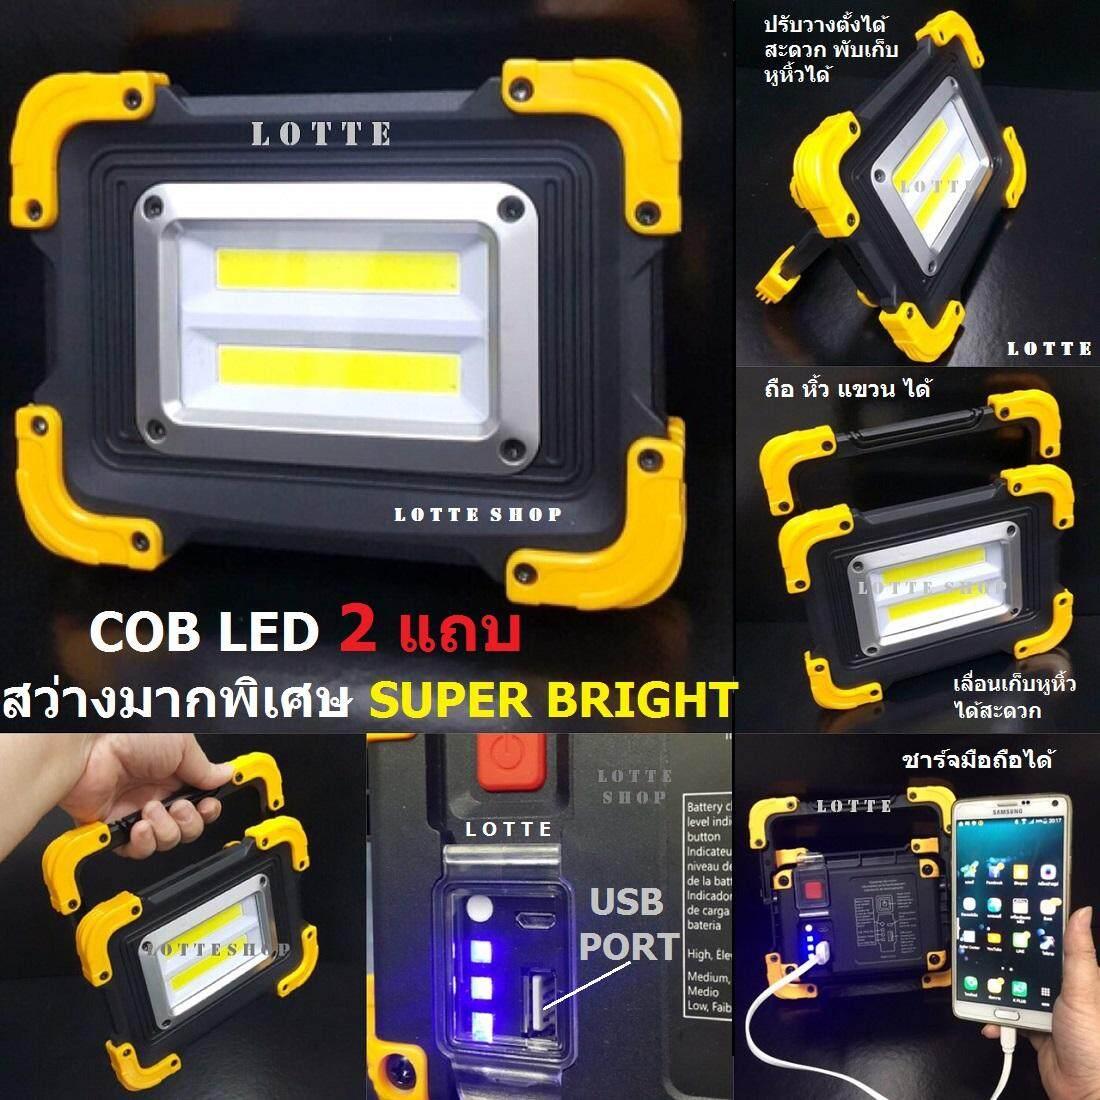 ไฟฉุกเฉิน แบนบาง ไม่หนาเตอะ หลอด COB LED 2 แถบ ให้แสงสว่างมากขึ้นกว่าเดิม วางตั้ง/ถือ/แขวน ได้สะดวก ชาร์จมือถือได้ USB Port